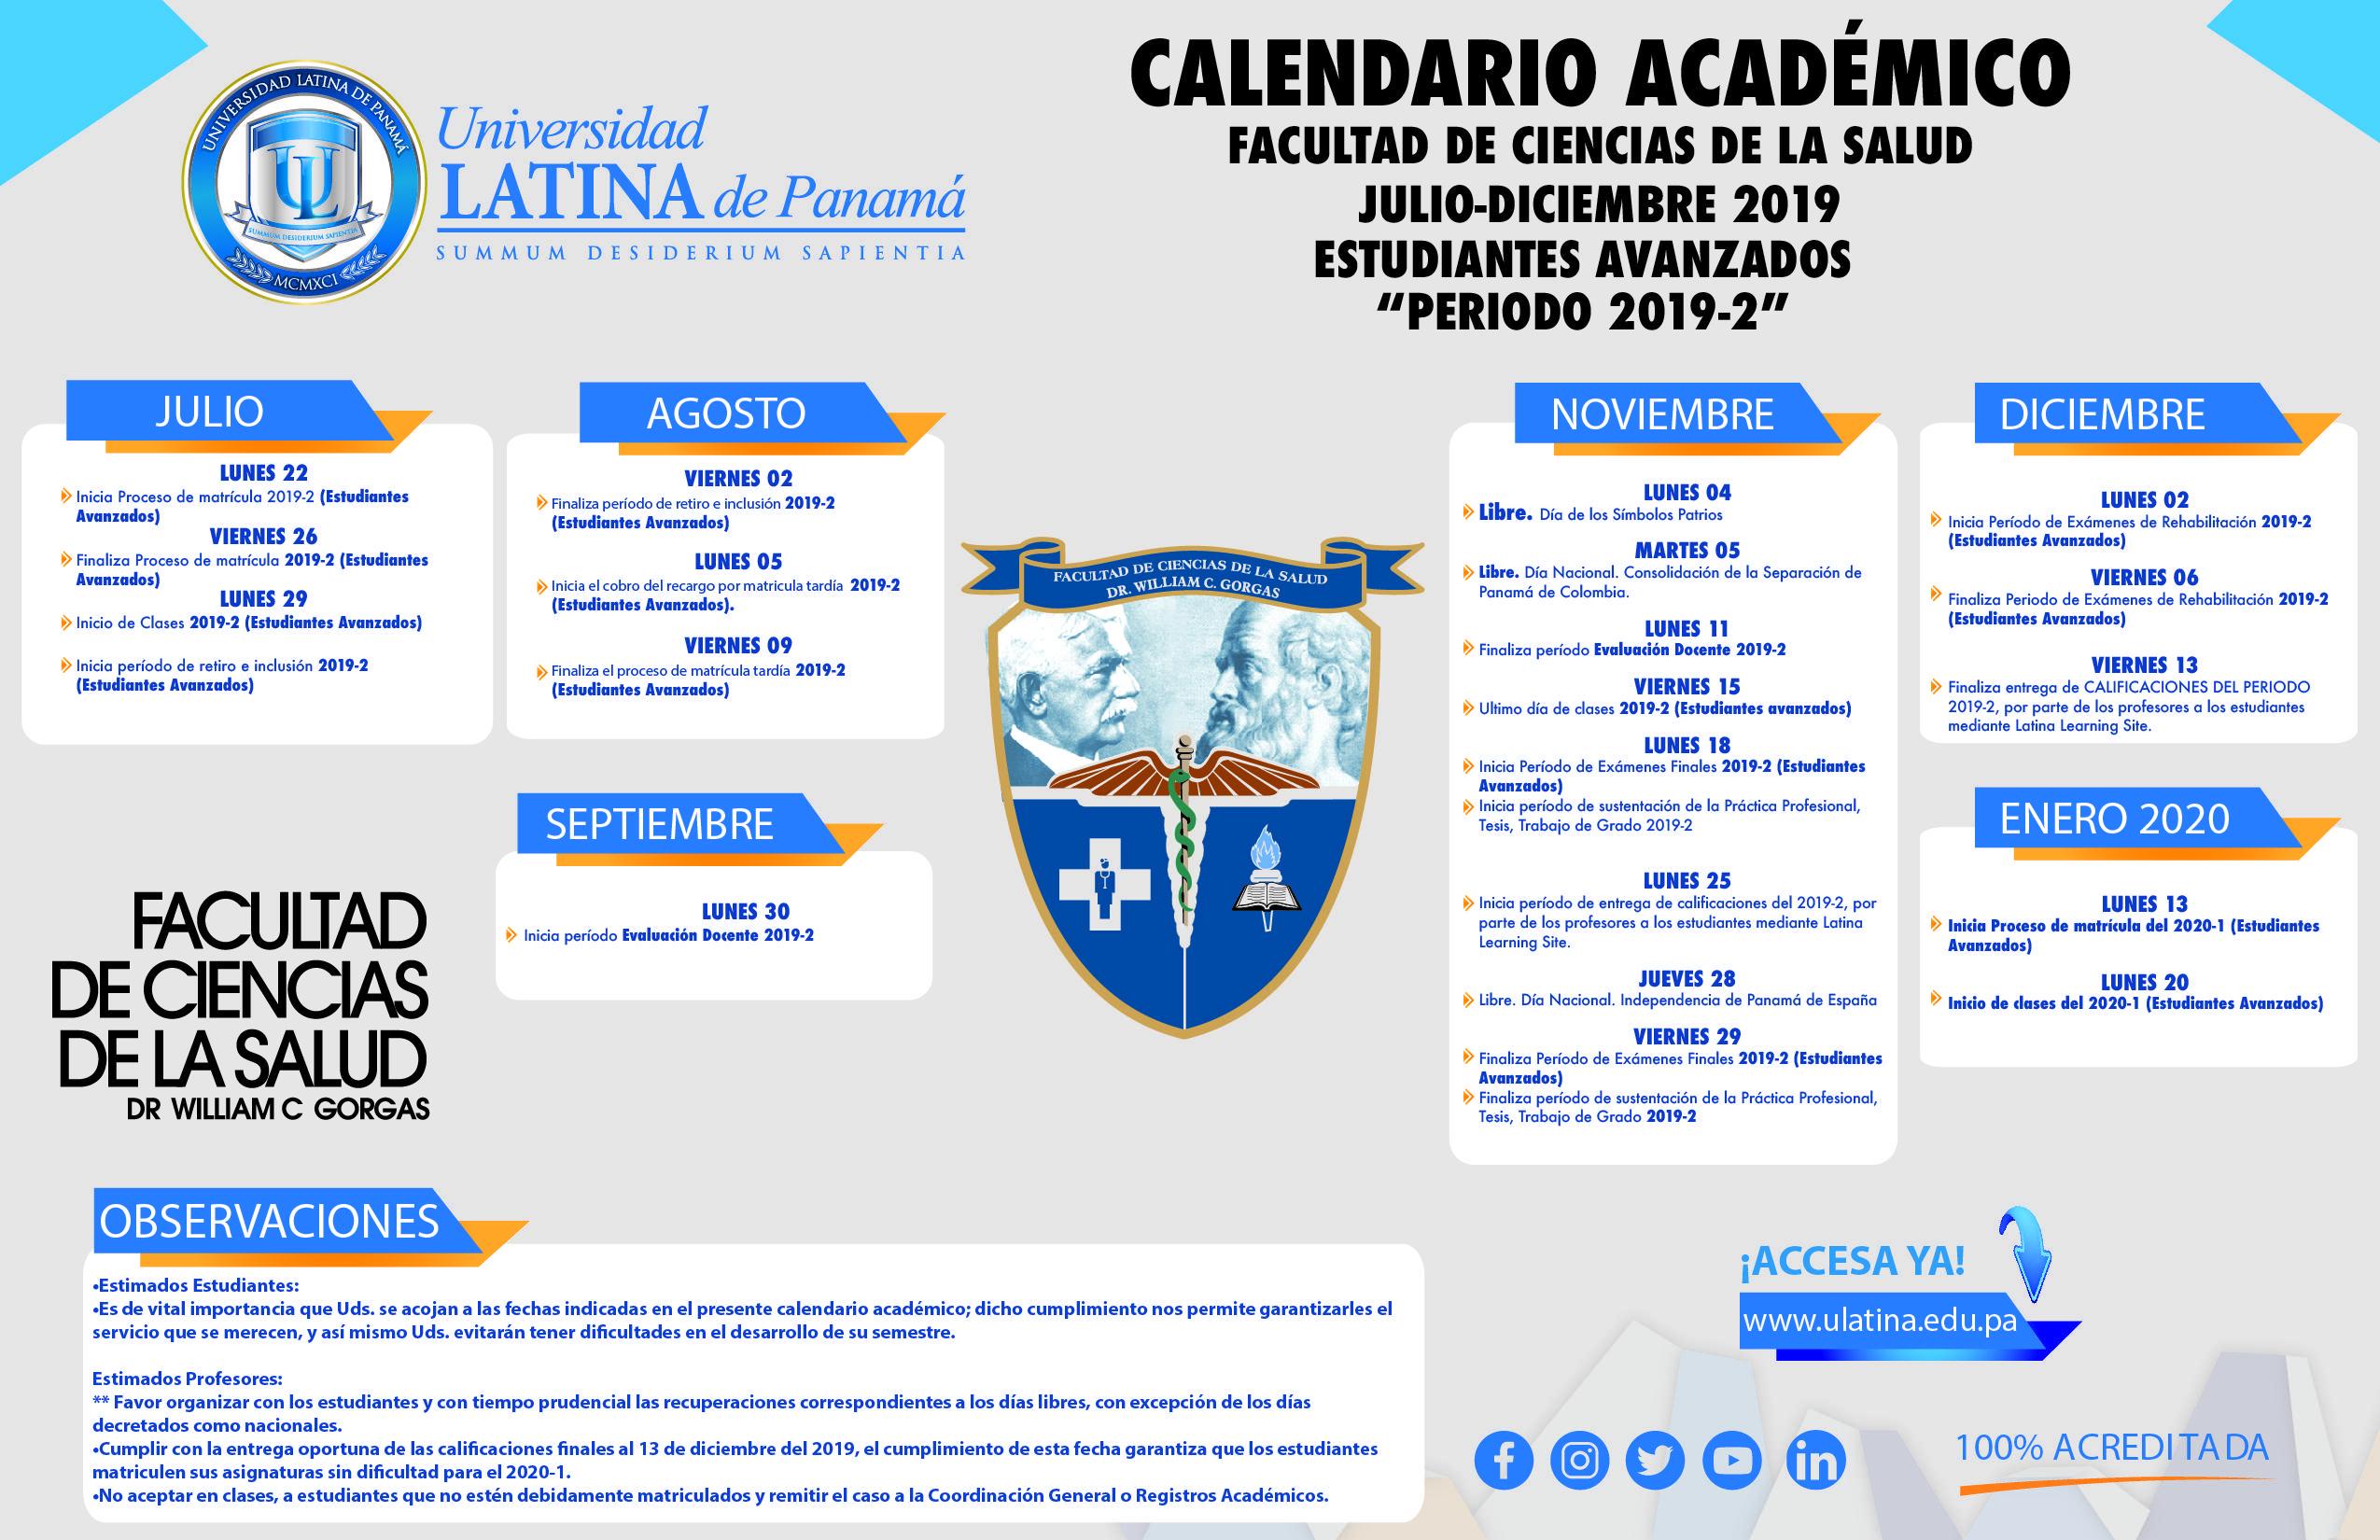 Calendario Panama 2018.Calendarios Academicos Vida De Campus Universidad Latina